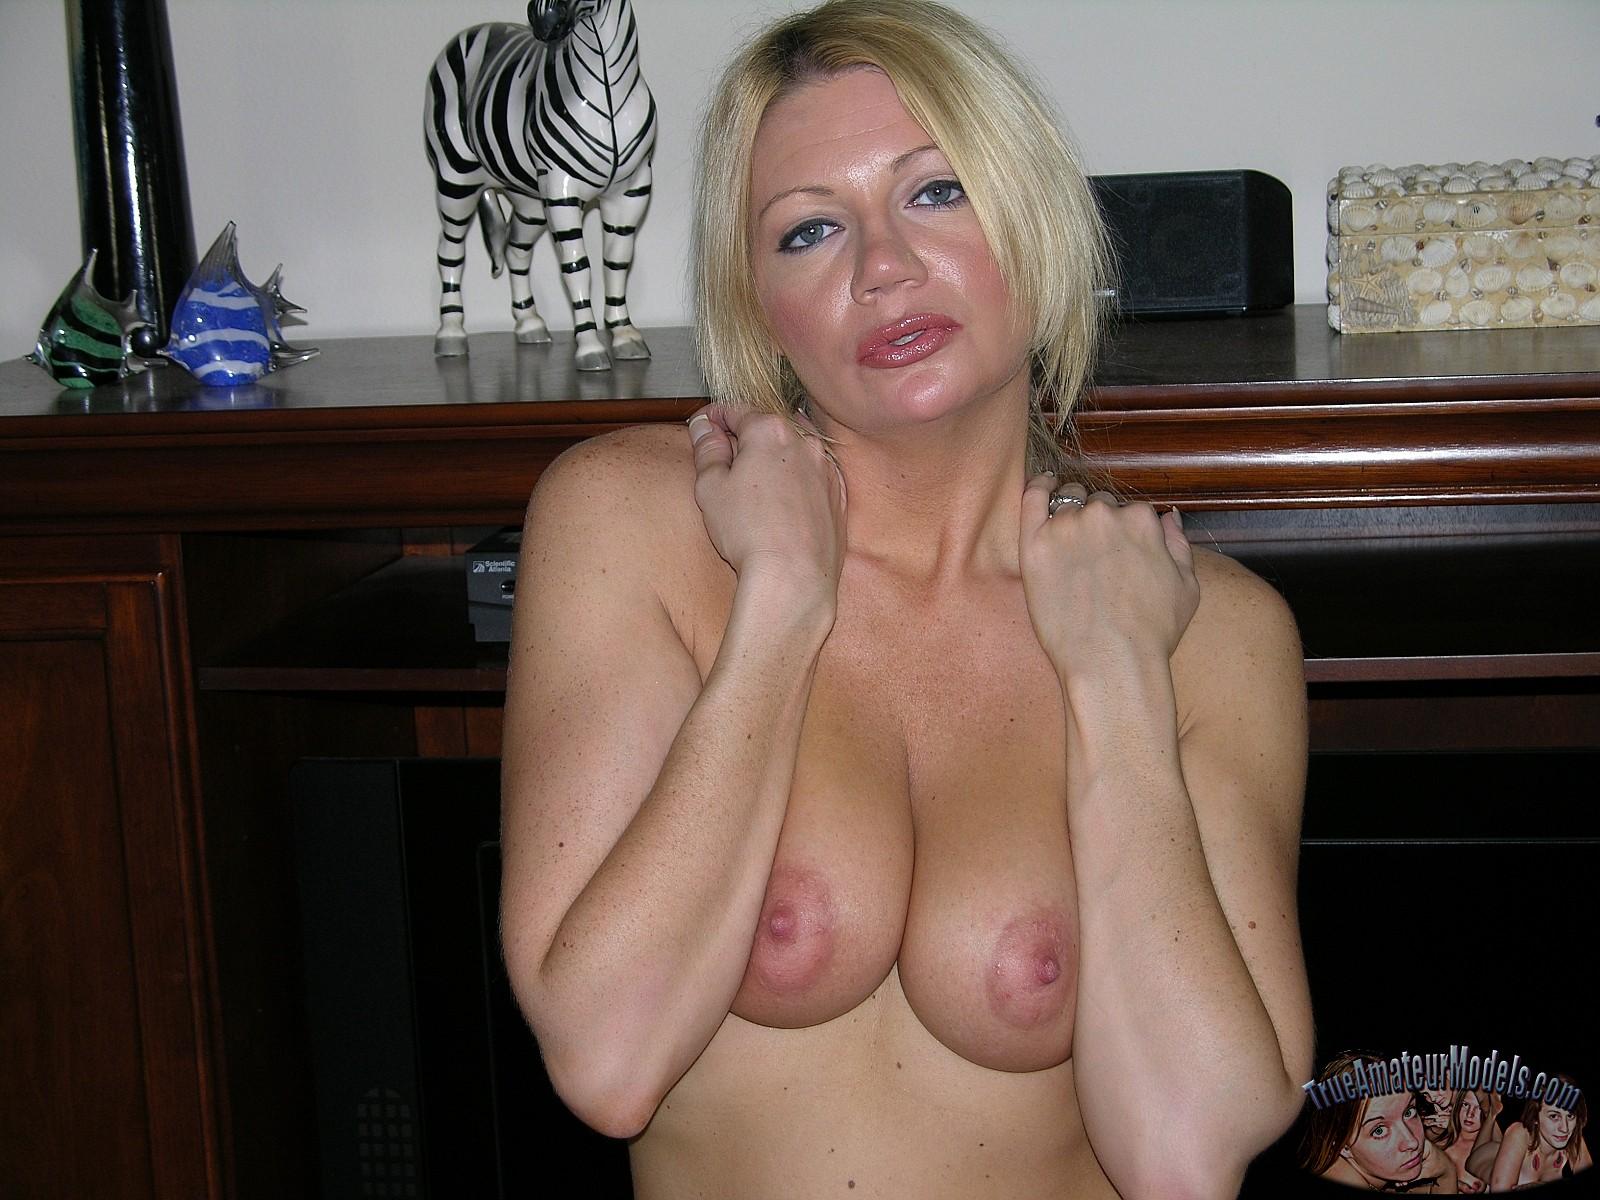 amateur milf christina nude